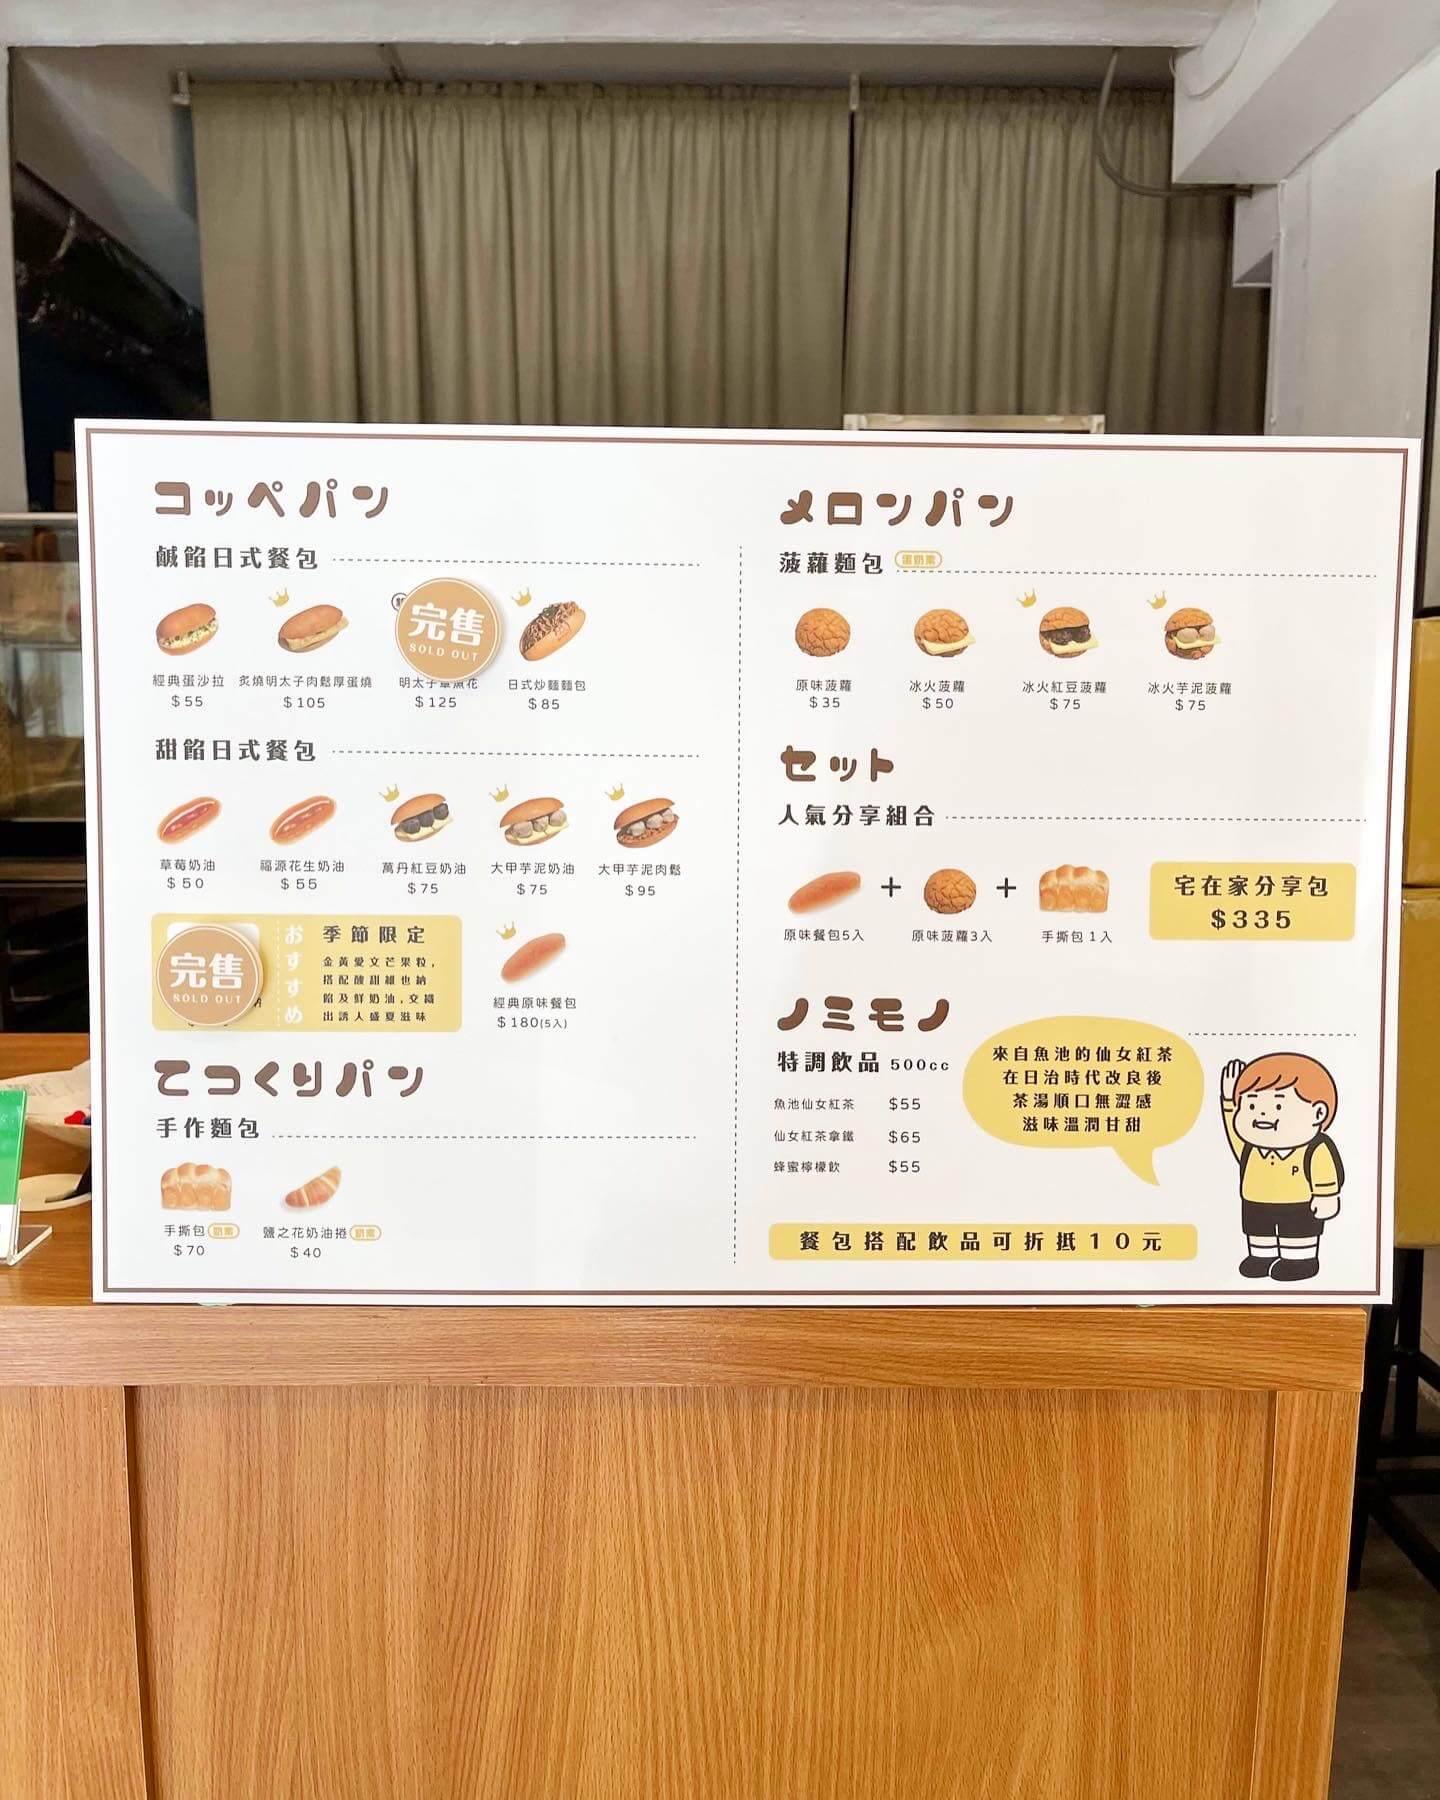 偏偏pien pien日式餐包小賣所菜單MENU